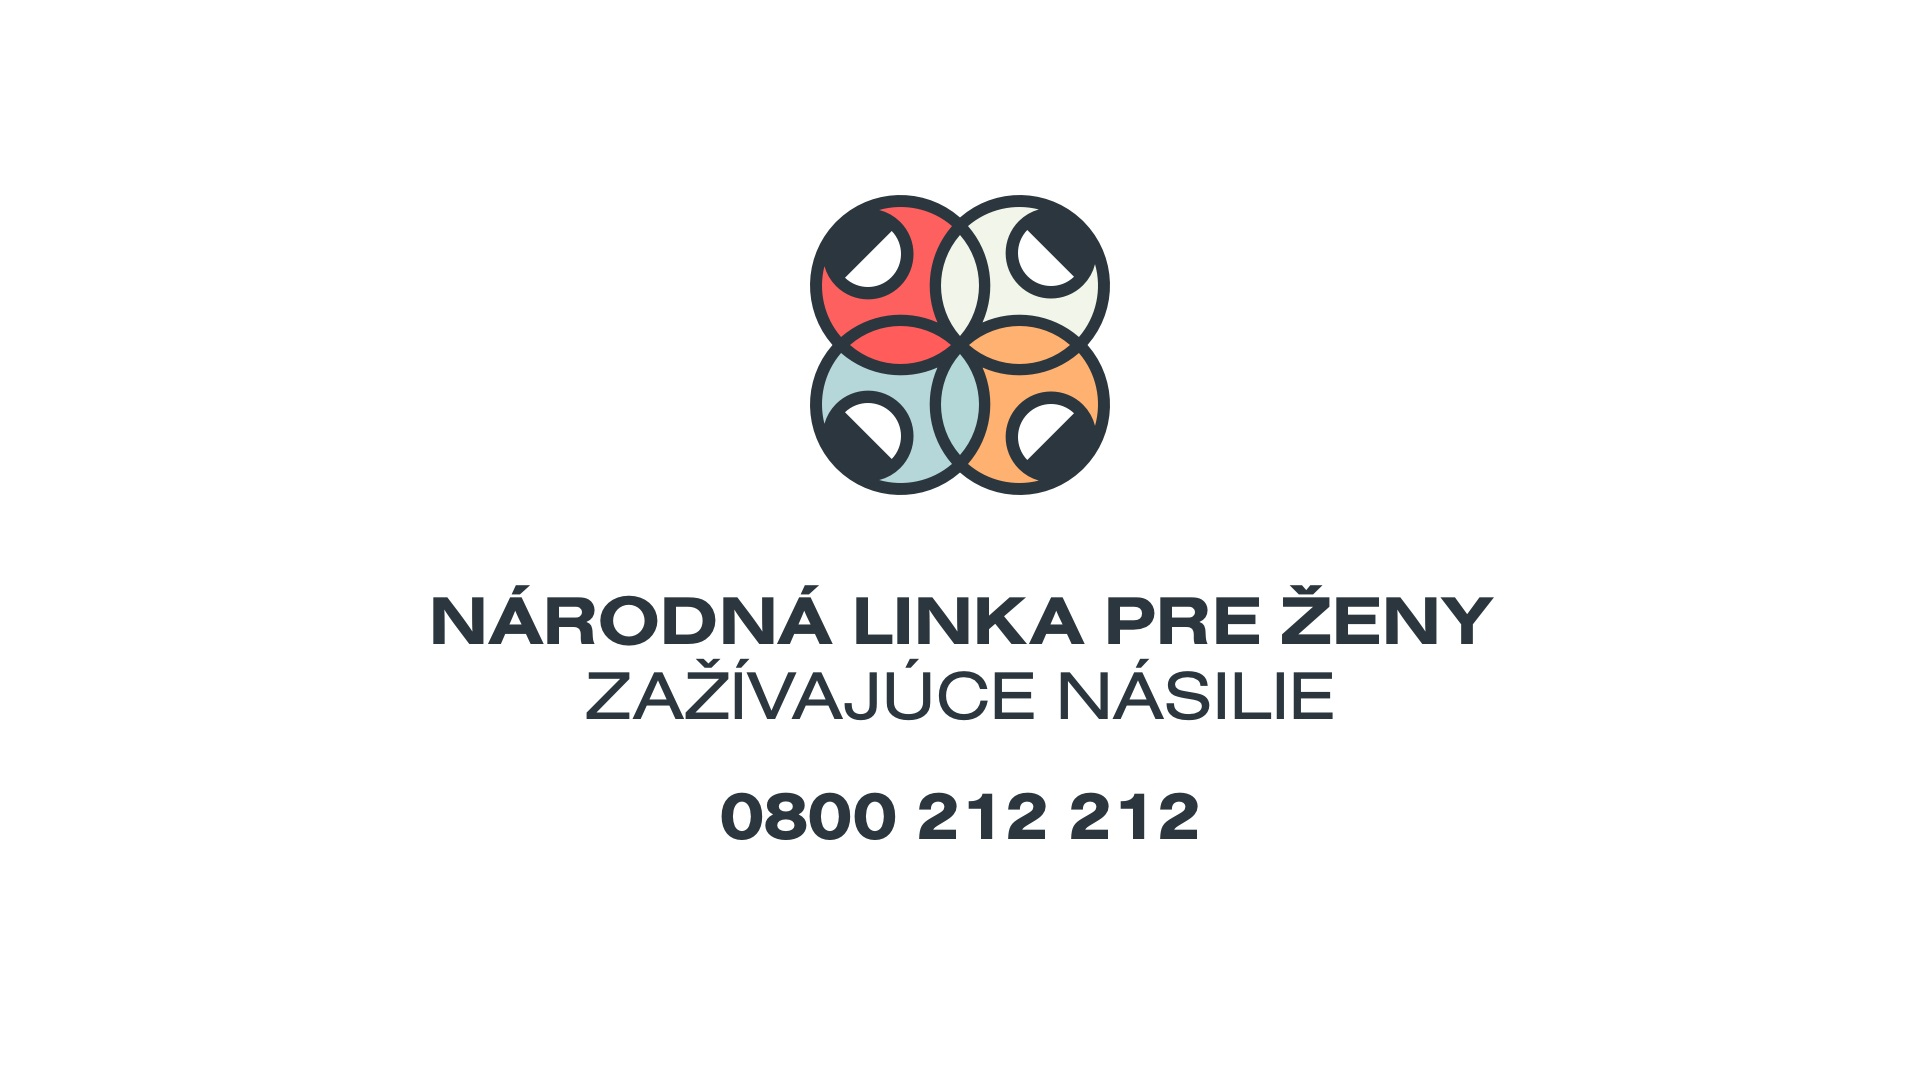 Národná linka pre ženy zažívajúce násilie - volajte bezplatne 0800 212 212 a píšte na linkaprezeny@ivpr.gov.sk